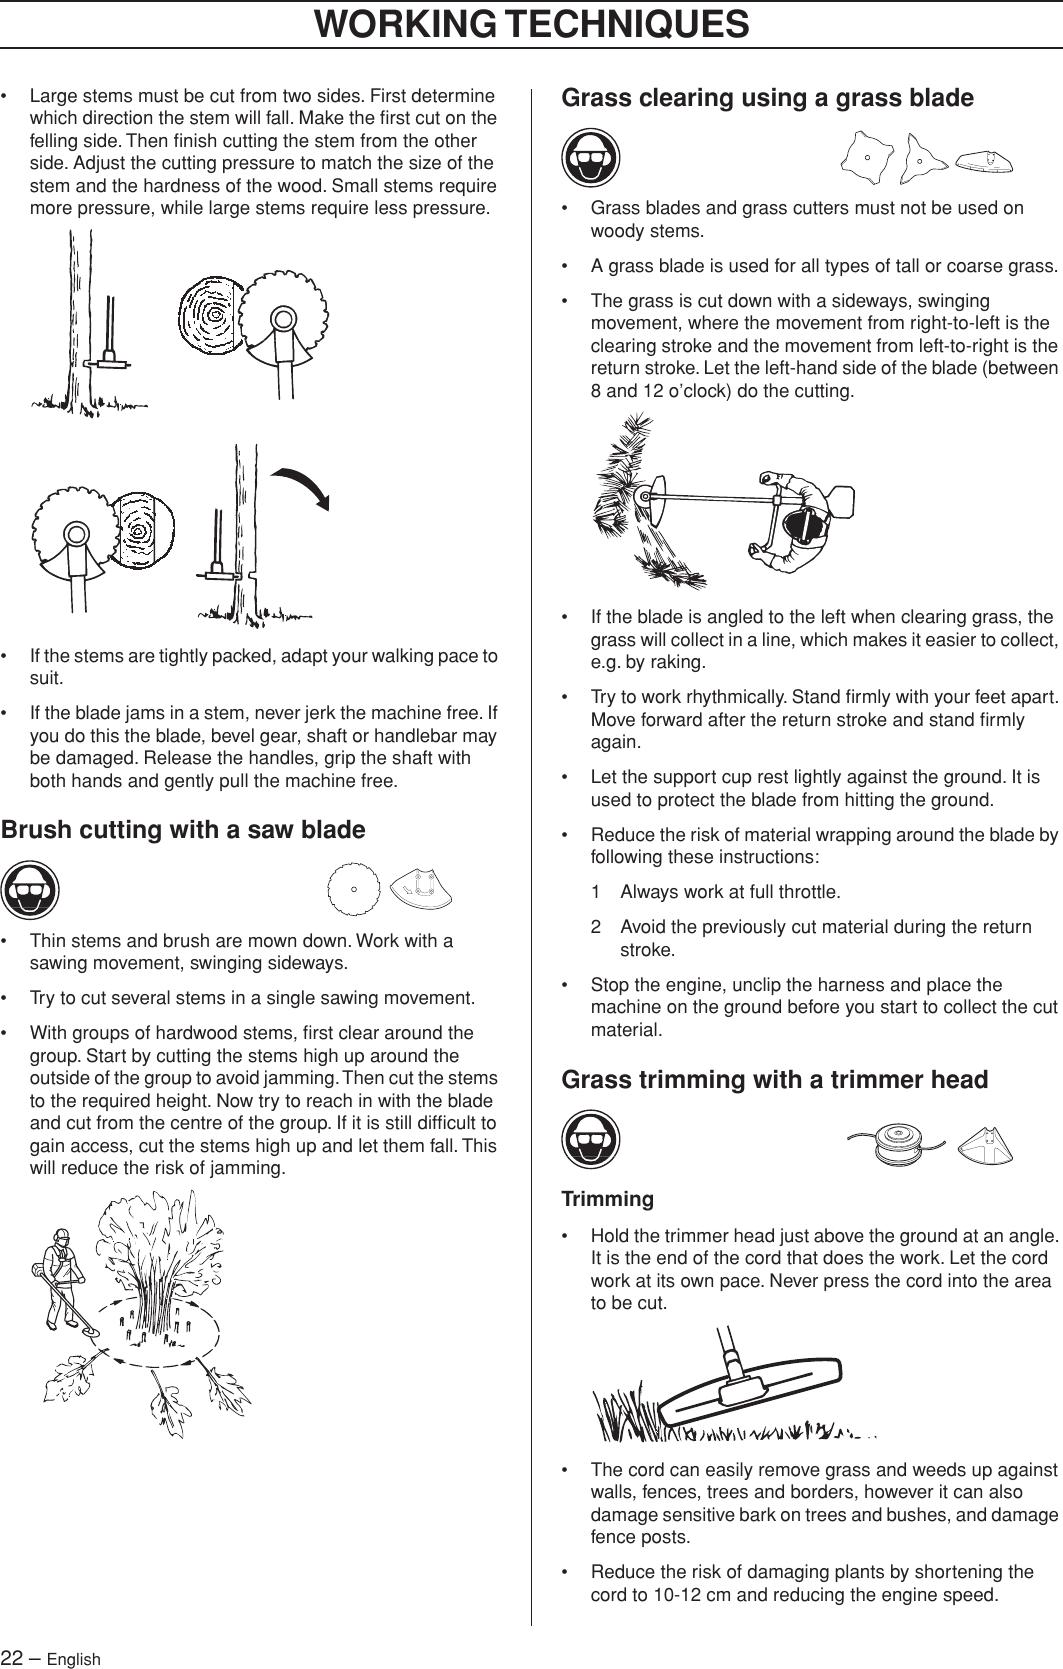 Husqvarna 335Rx Series Users Manual OM, 333 R, 335 R X